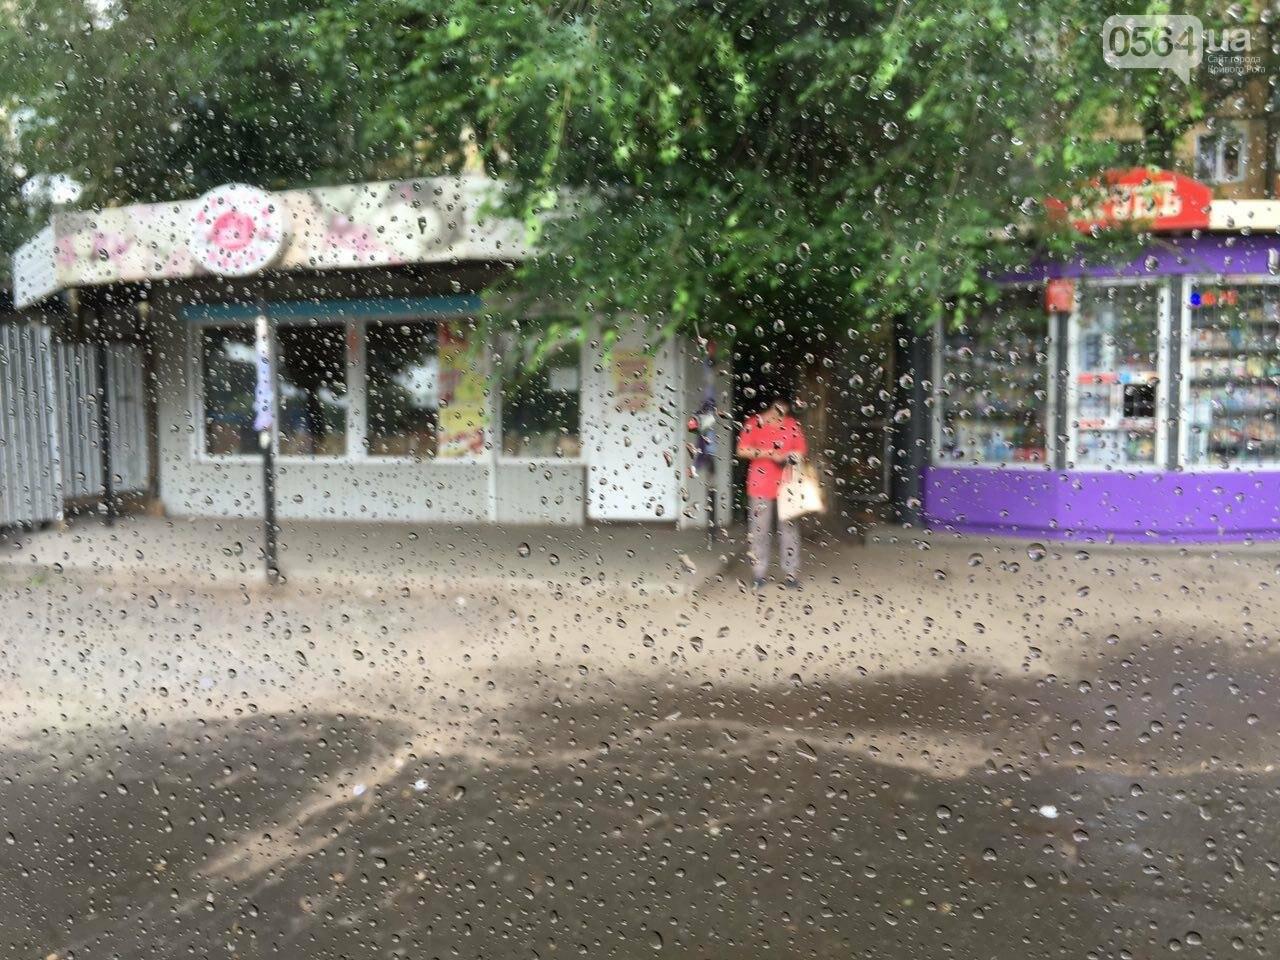 Маршрут дождя: В Кривом Роге в одних районах льет ливень, в других ярко светит солнце, - ФОТО, фото-8